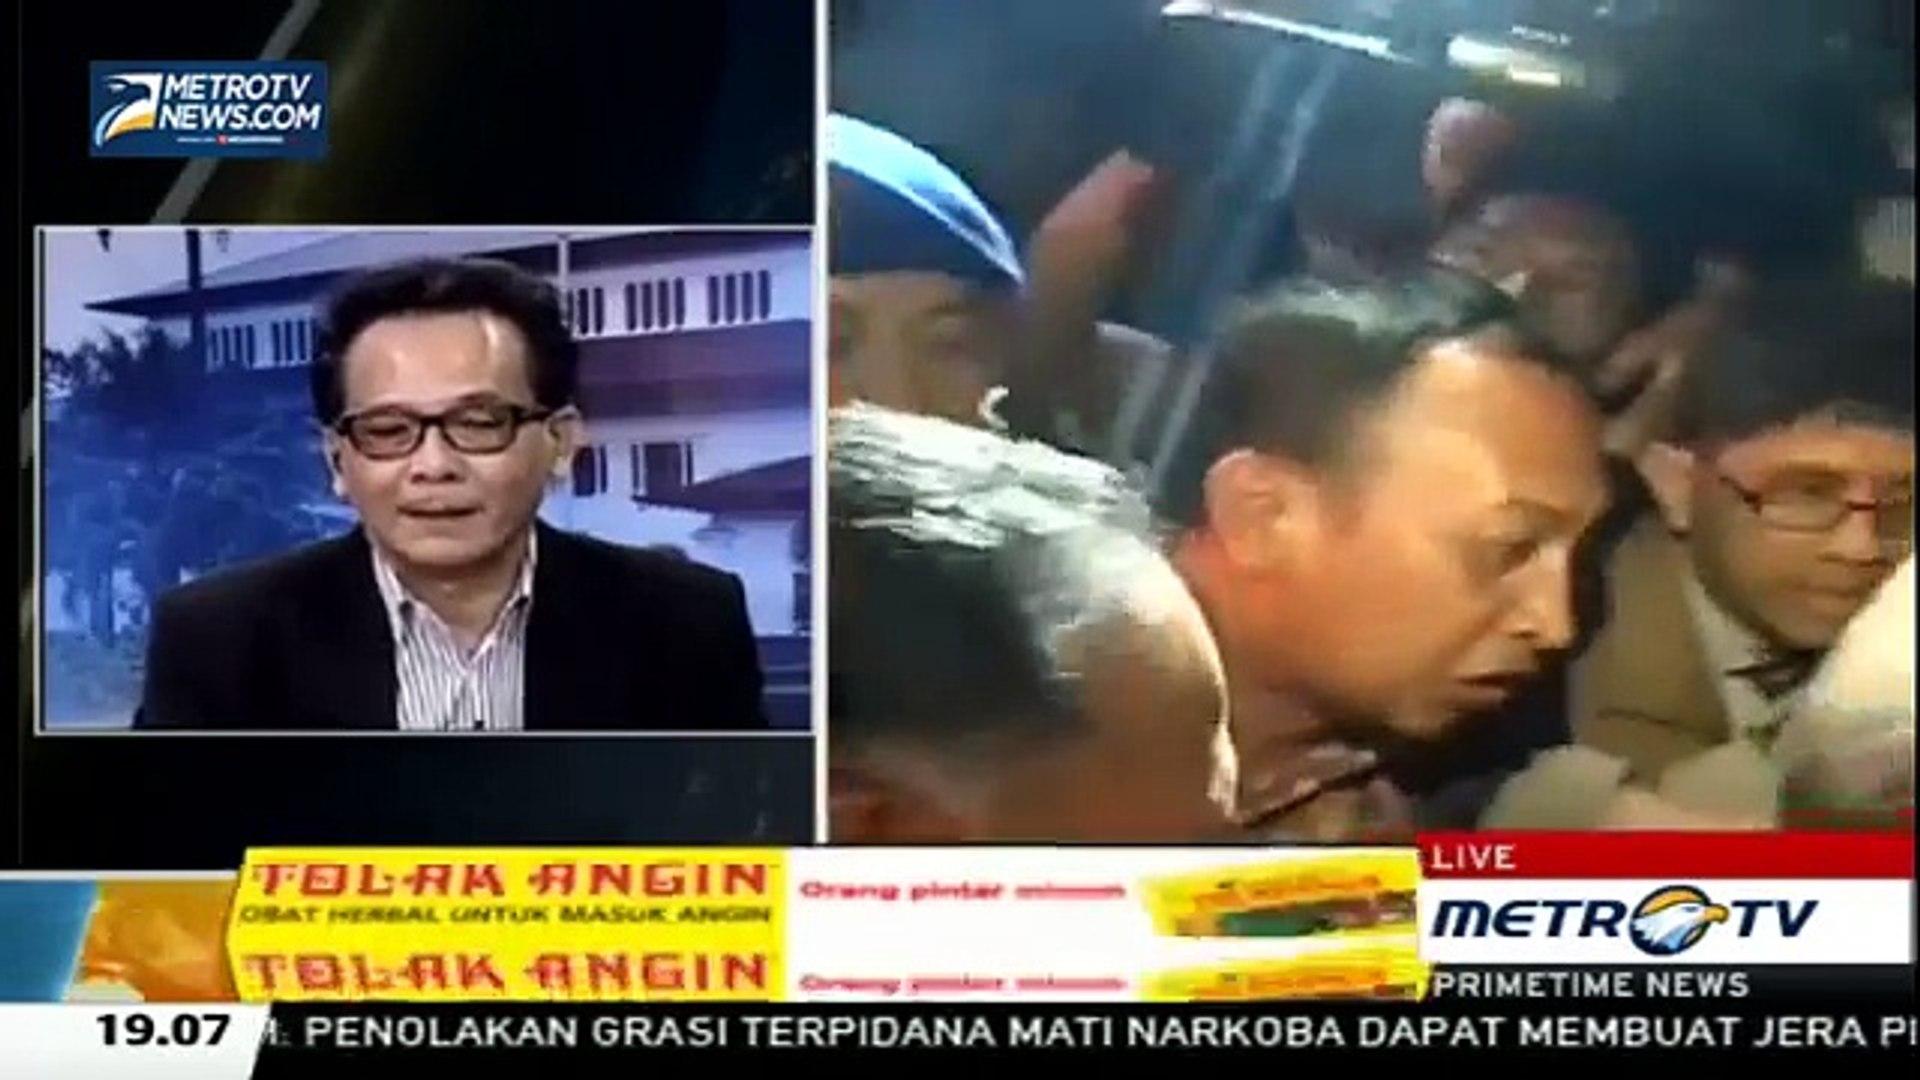 Tim Independen Bekerja, Ini yang Harus KPK & Polri Lakukan - Berita Terbaru Hari Ini 29 Januari